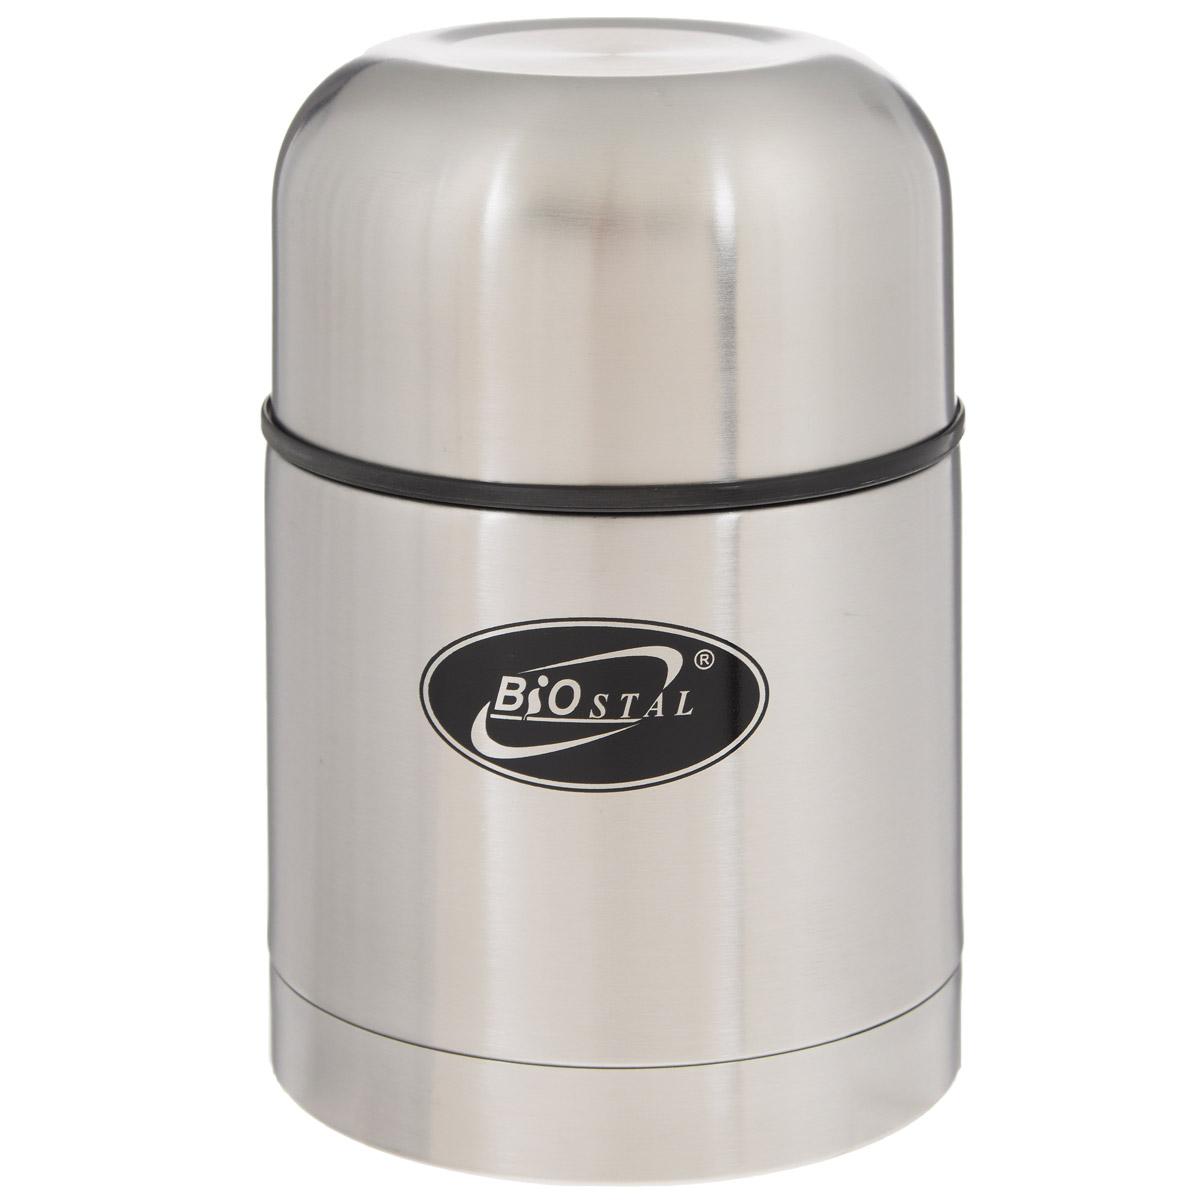 Термос BIOSTAL, в чехле, 500 мл. NT-500NT-500Пищевой термос с широким горлом BIOSTAL, изготовленный из высококачественной нержавеющей стали, относится к классической серии. Термосы этой серии, являющейся лидером продаж, просты в использовании, экономичны и многофункциональны. Термос с широким горлом предназначен для хранения горячей и холодной пищи, замороженных продуктов, мороженного, фруктов и льда и укомплектован пробкой с клапаном. Такая пробка обладает дополнительной теплоизоляцией и позволяет термосу дольше хранить тепло, а клапан облегчает его открытие. Изделие также оснащено крышкой-чашкой и текстильным чехлом для хранения и переноски термоса. Легкий и прочный термос BIOSTAL сохранит ваши напитки горячими или холодными надолго.